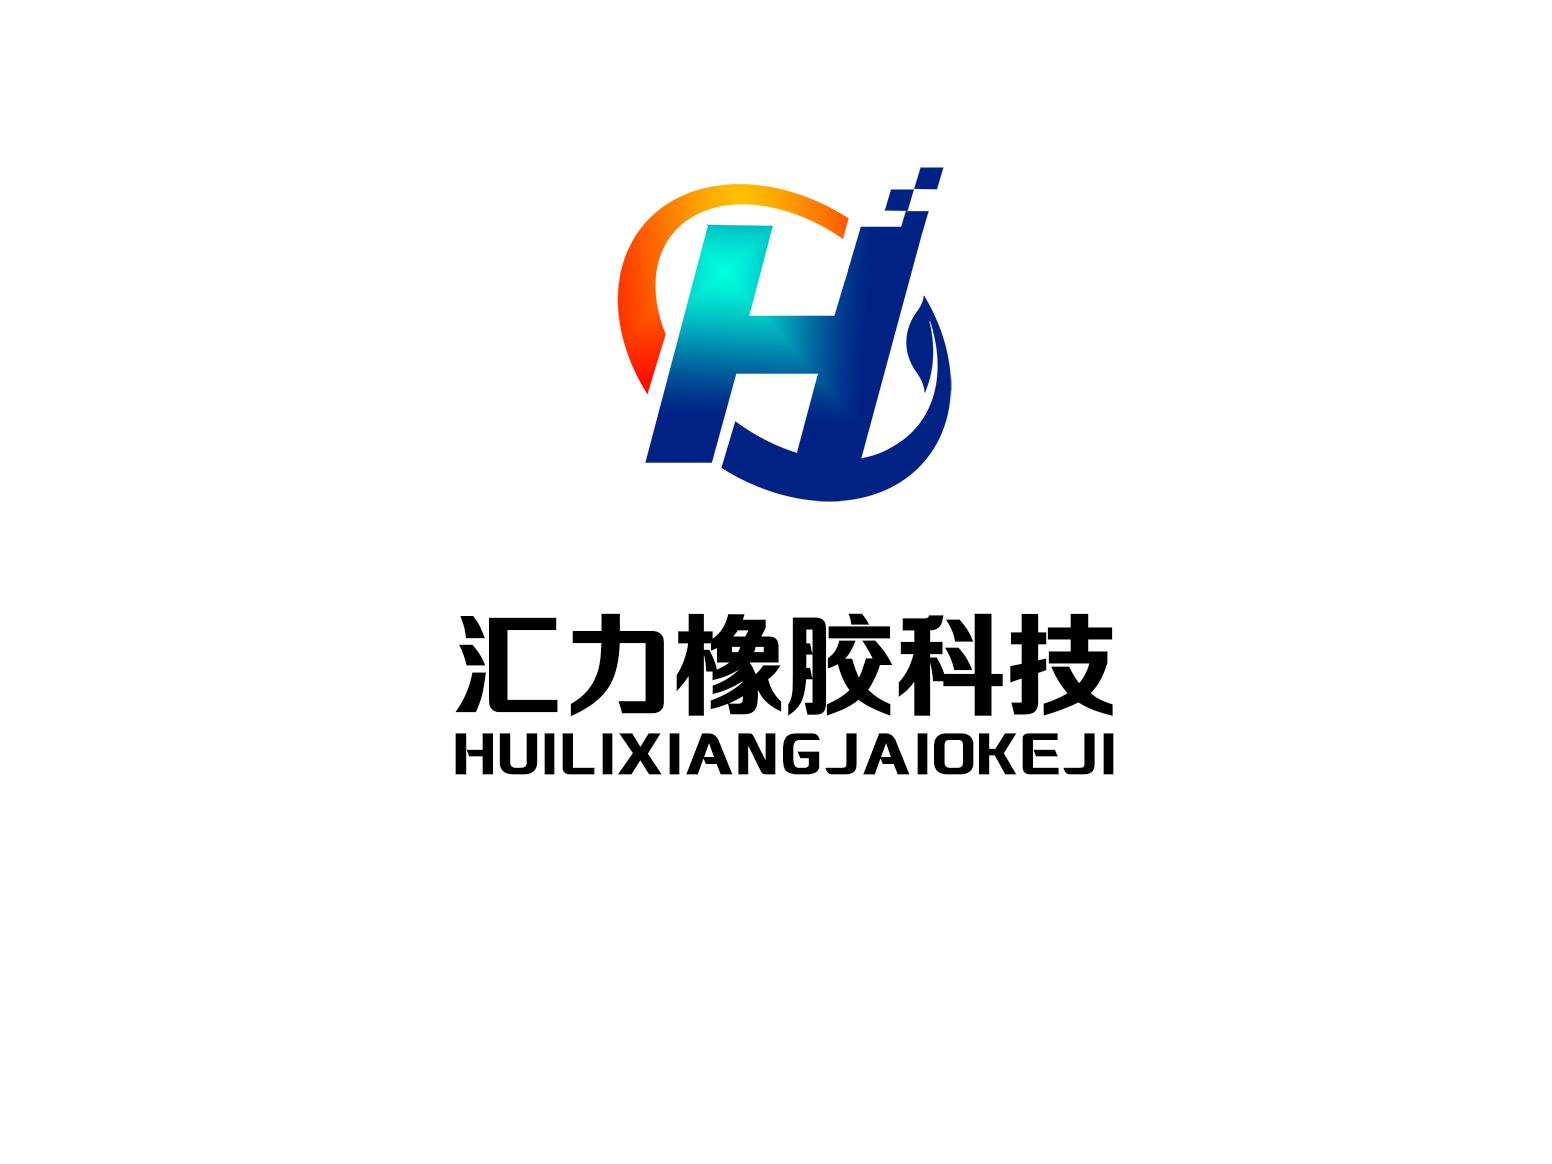 汇力橡胶科技公司征集LOGO_3038214_k68威客网